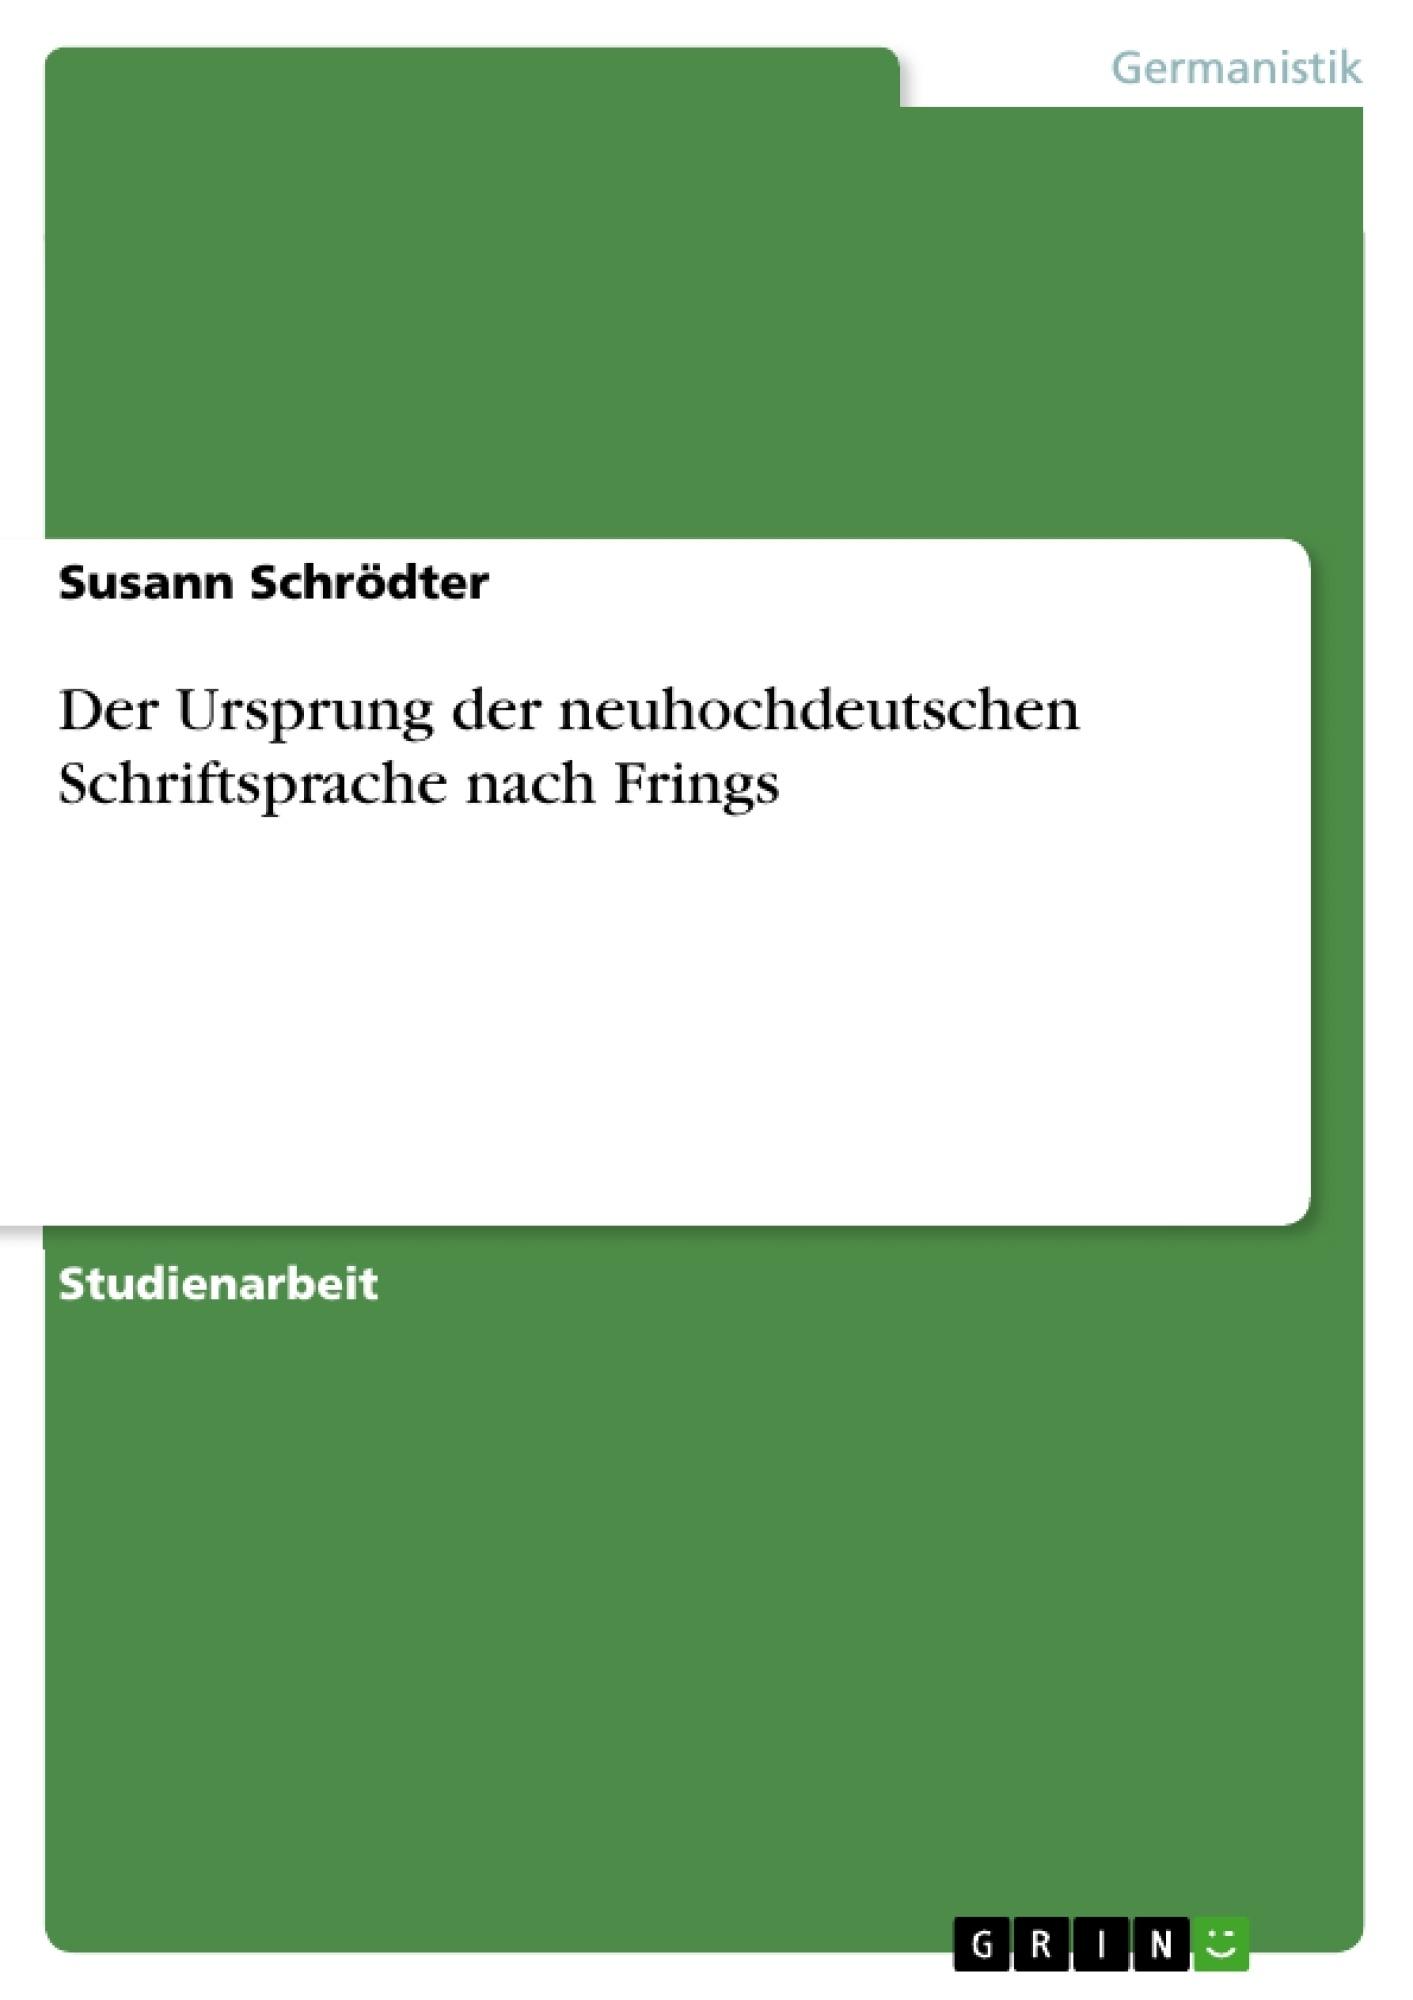 Titel: Der Ursprung der neuhochdeutschen Schriftsprache nach Frings